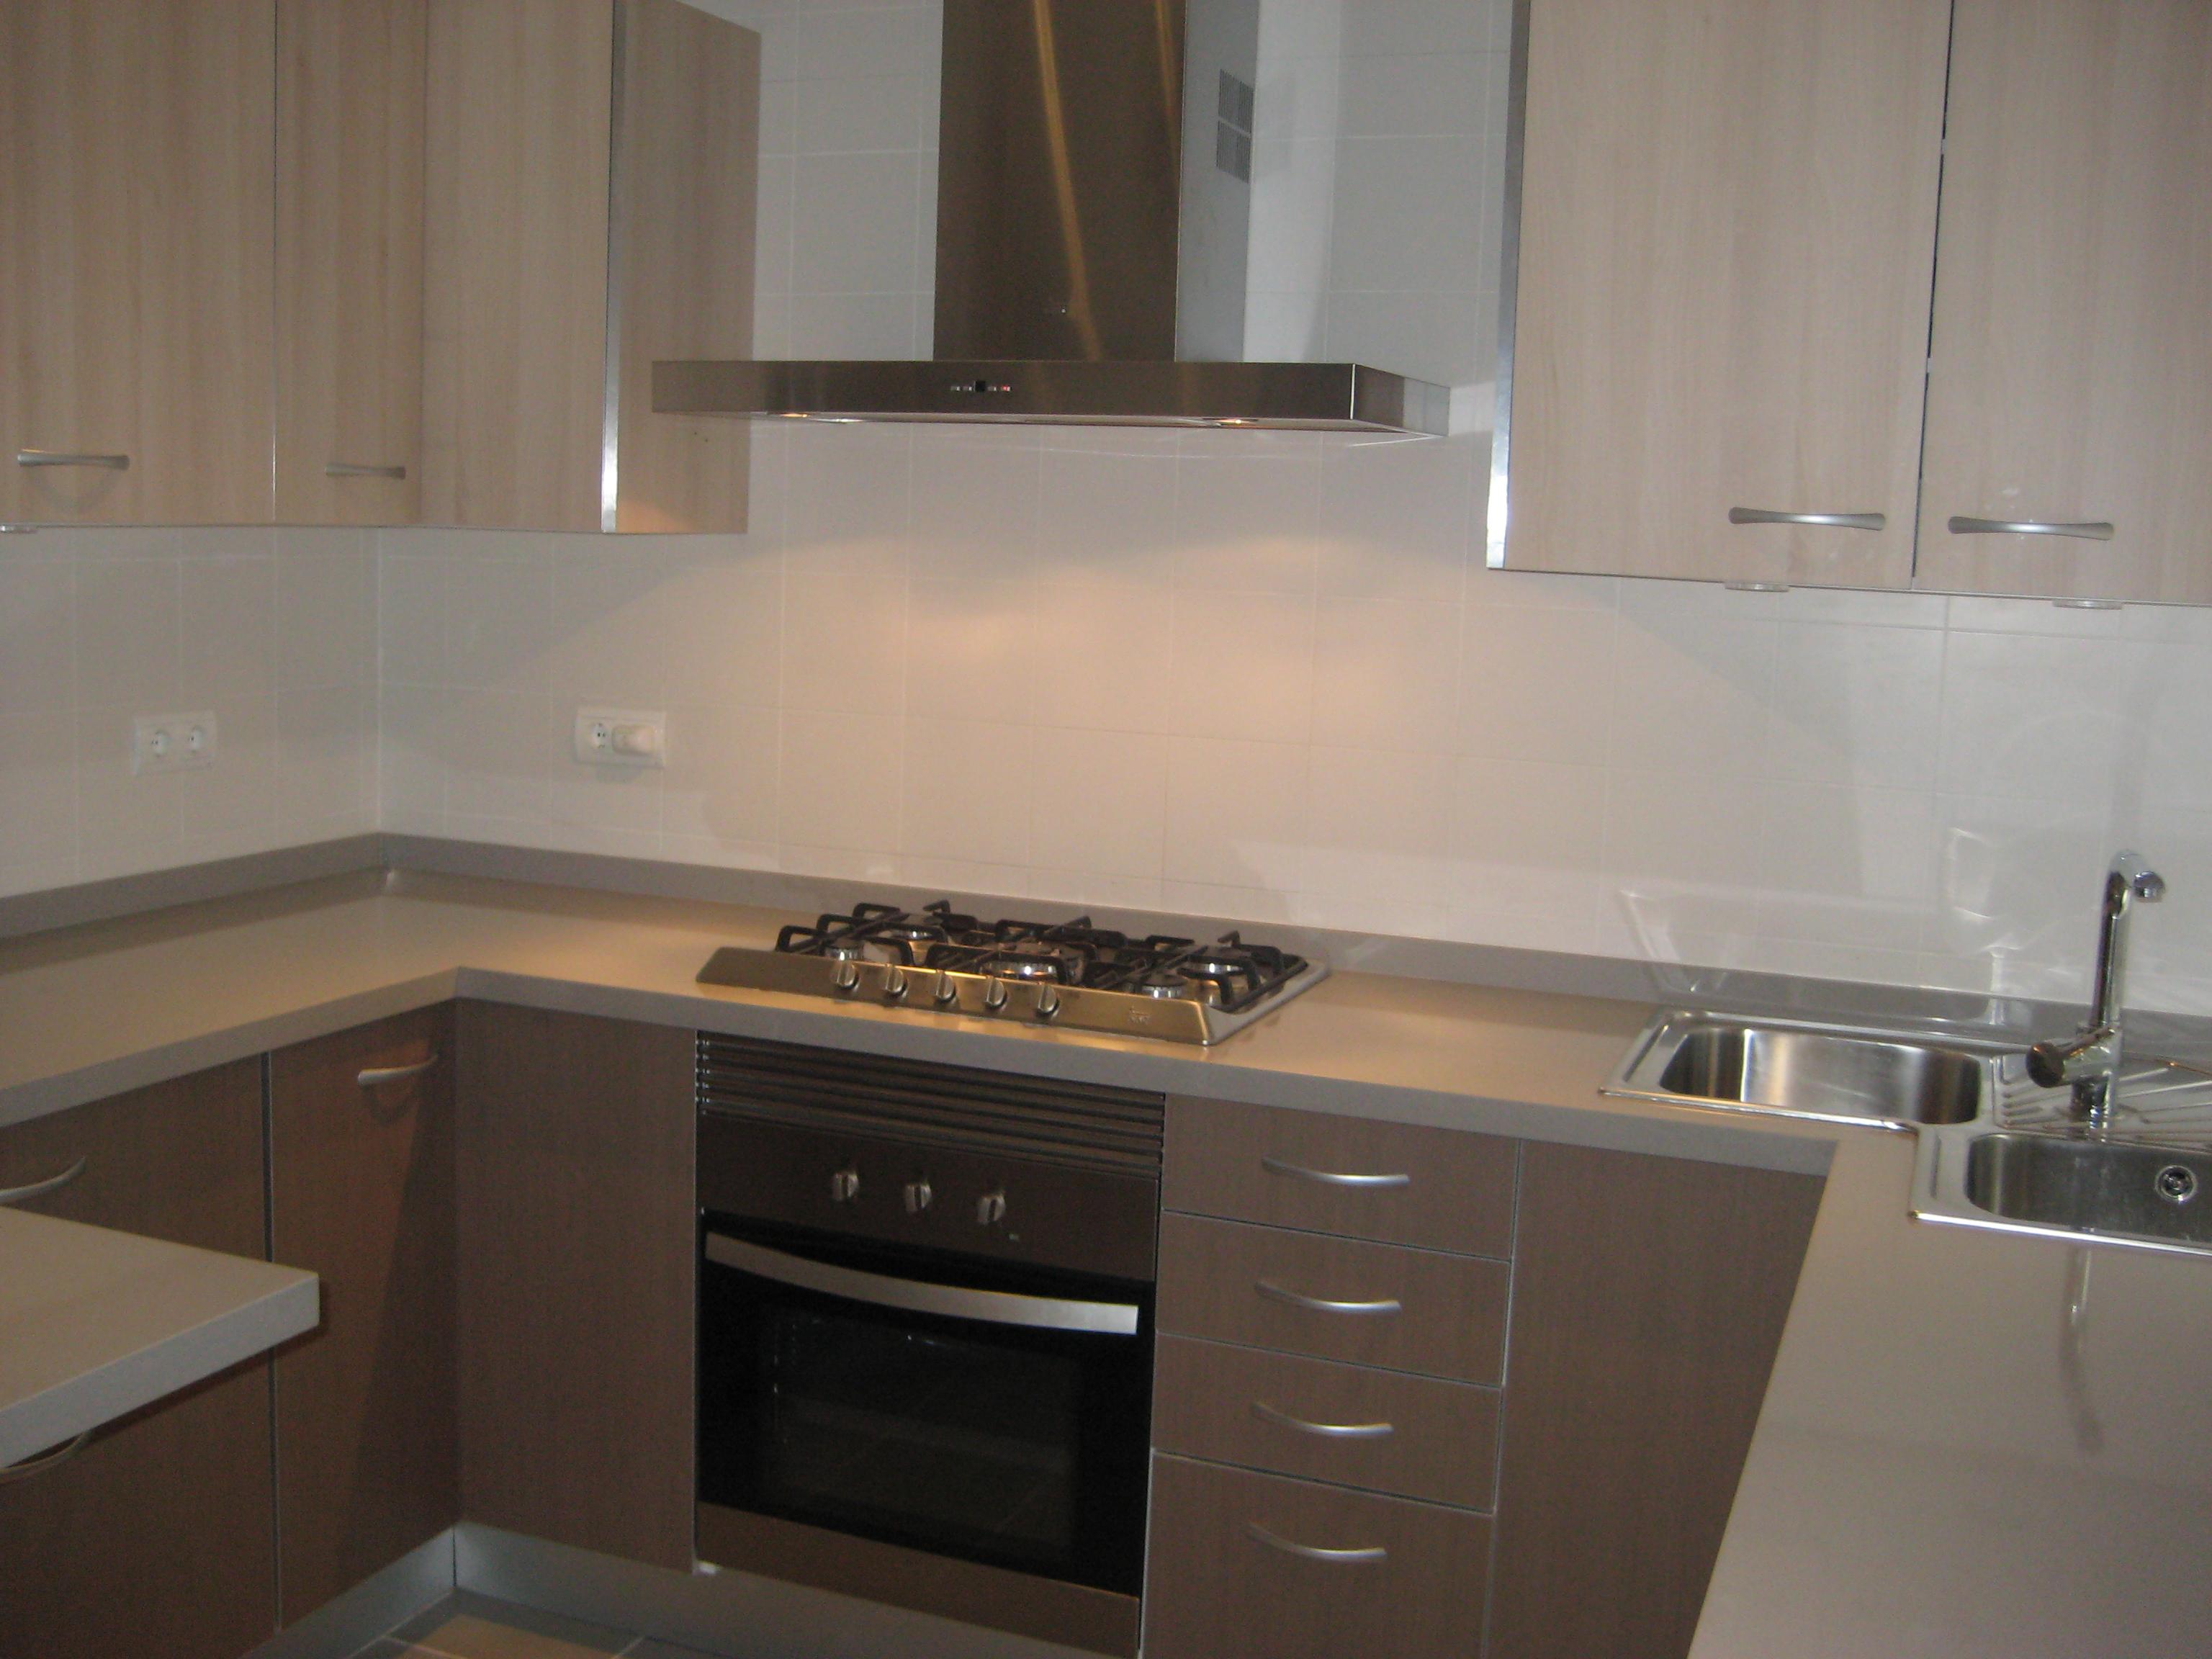 Mueble cocina barato las cocinas lacadas o de madera - Muebles segunda mano ibiza ...